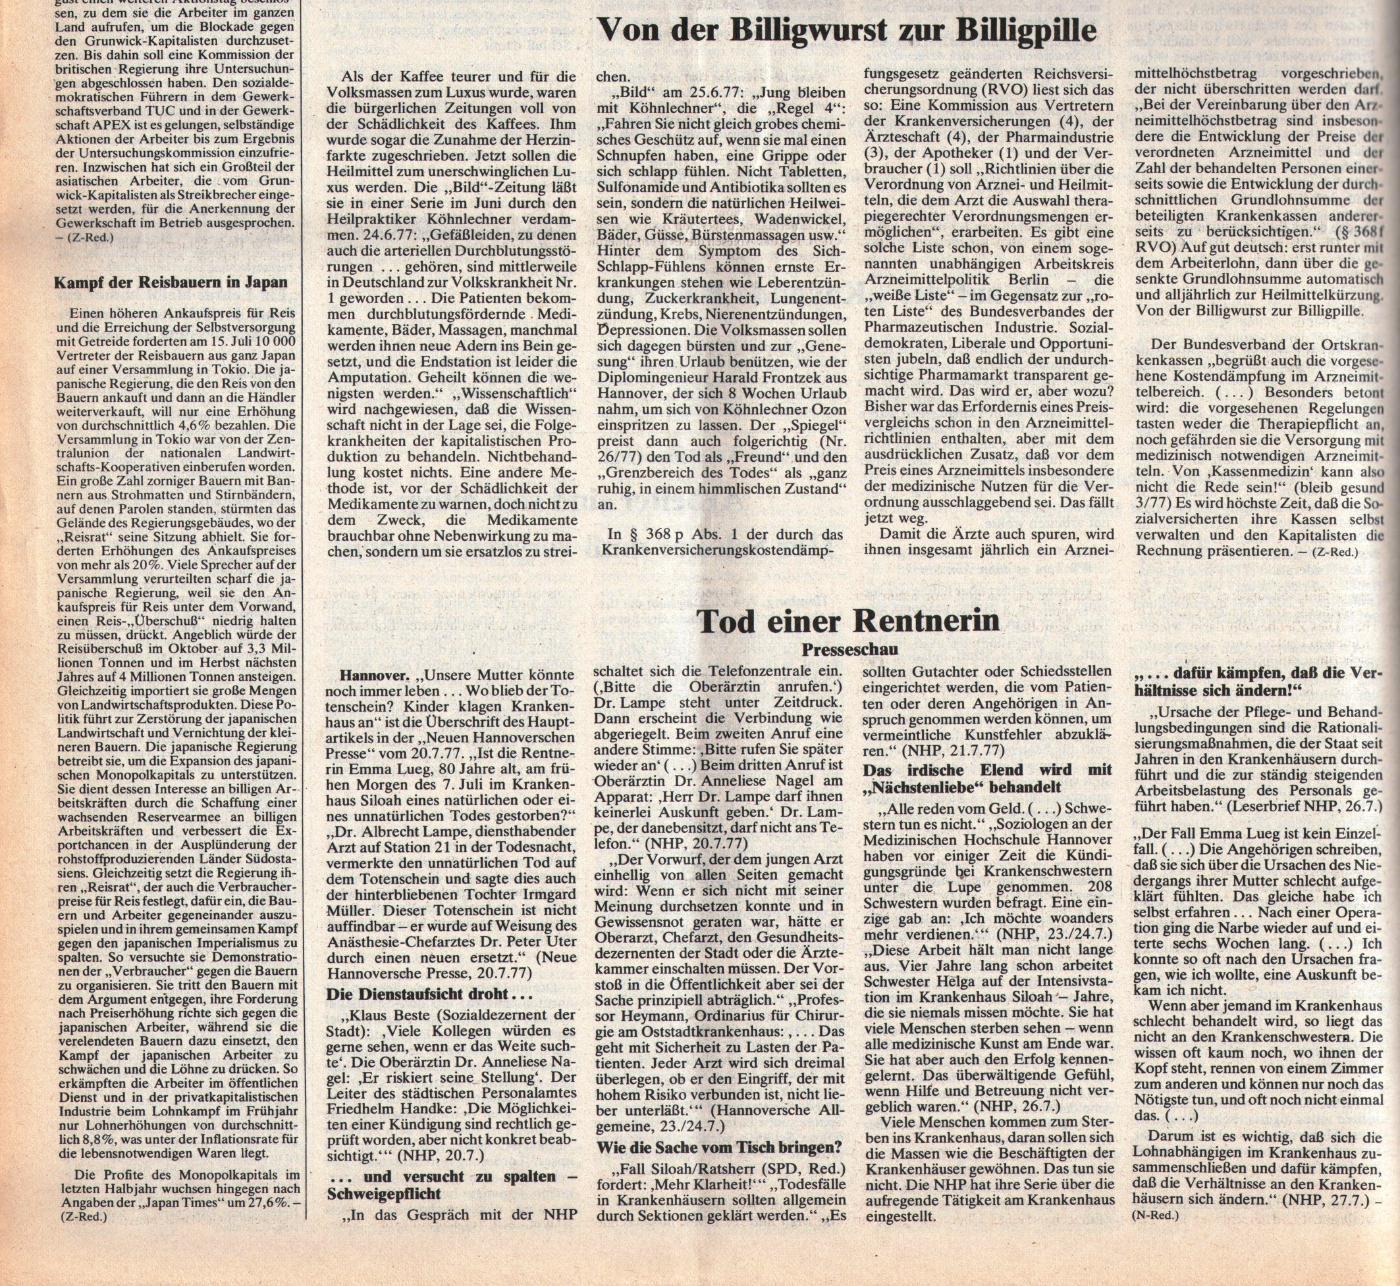 KVZ_Nord_1977_31_16